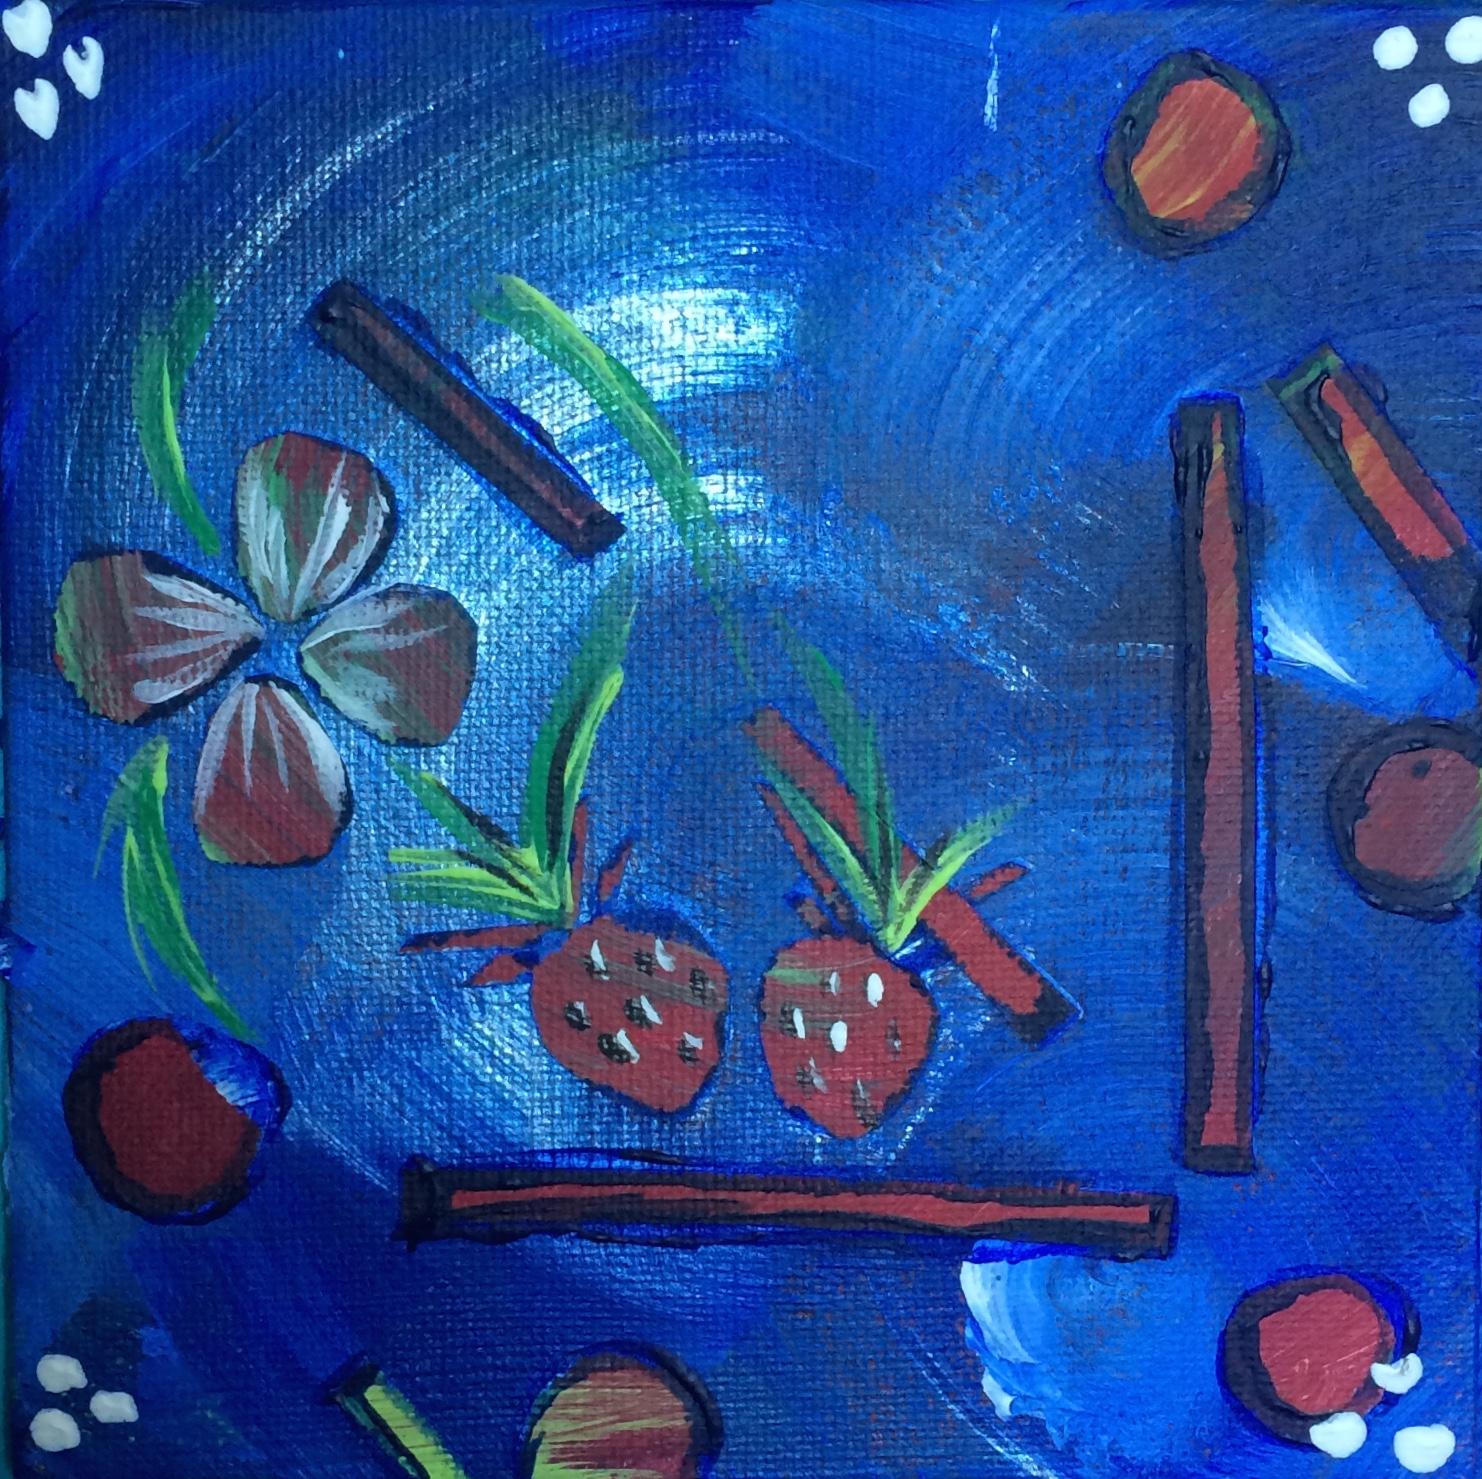 - acrylic on canvas, 2013-2015